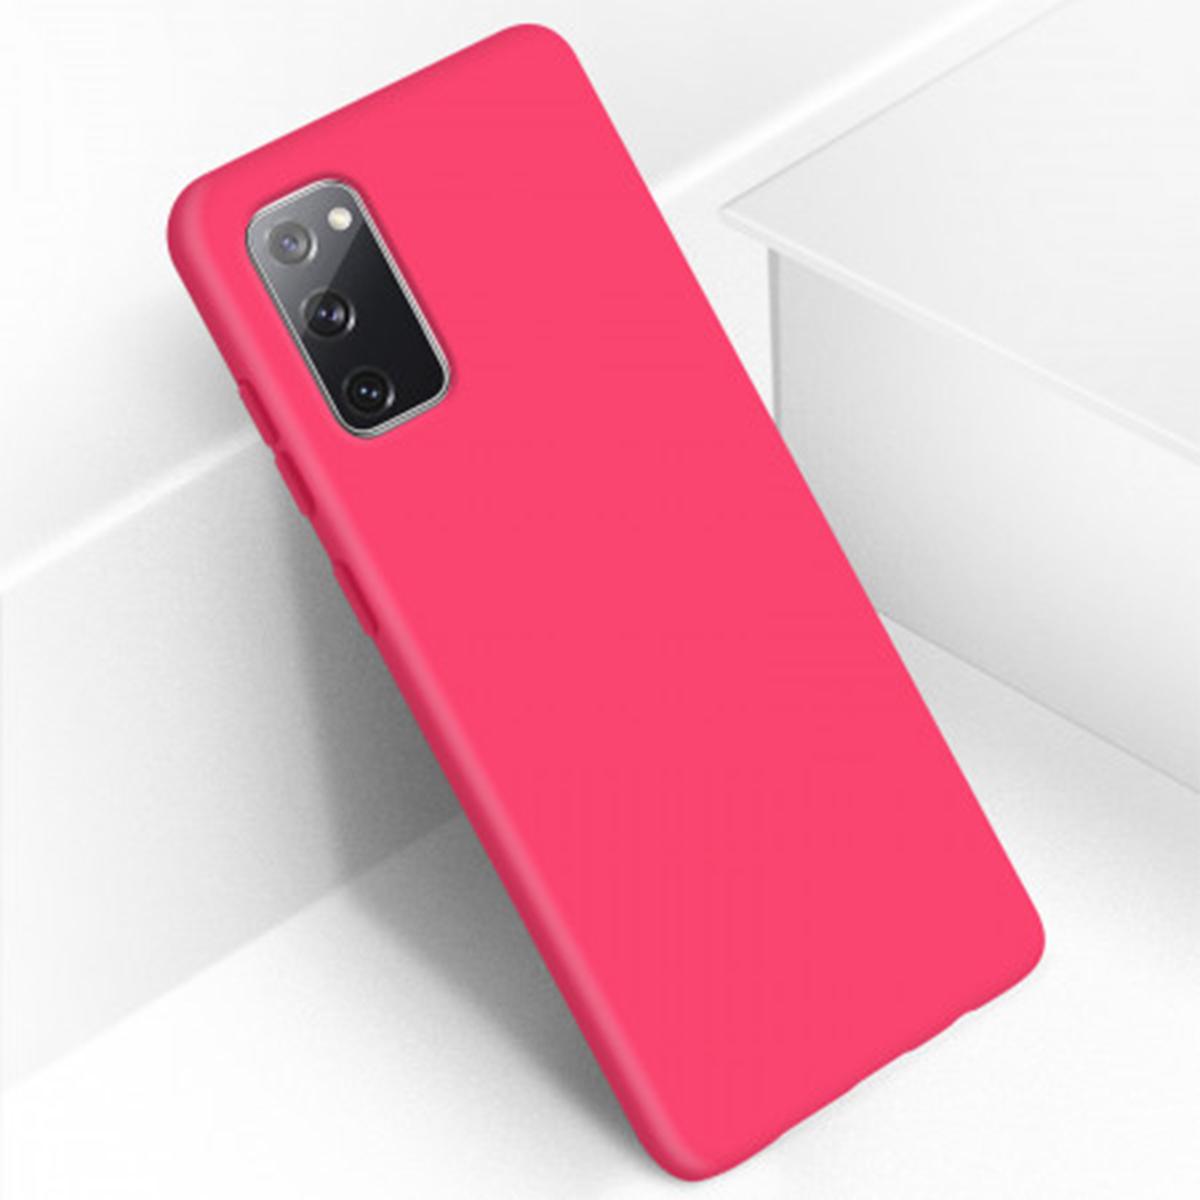 کاور مدل PHSIILK مناسب برای گوشی موبایل سامسونگ Galaxy S20 FE main 1 3